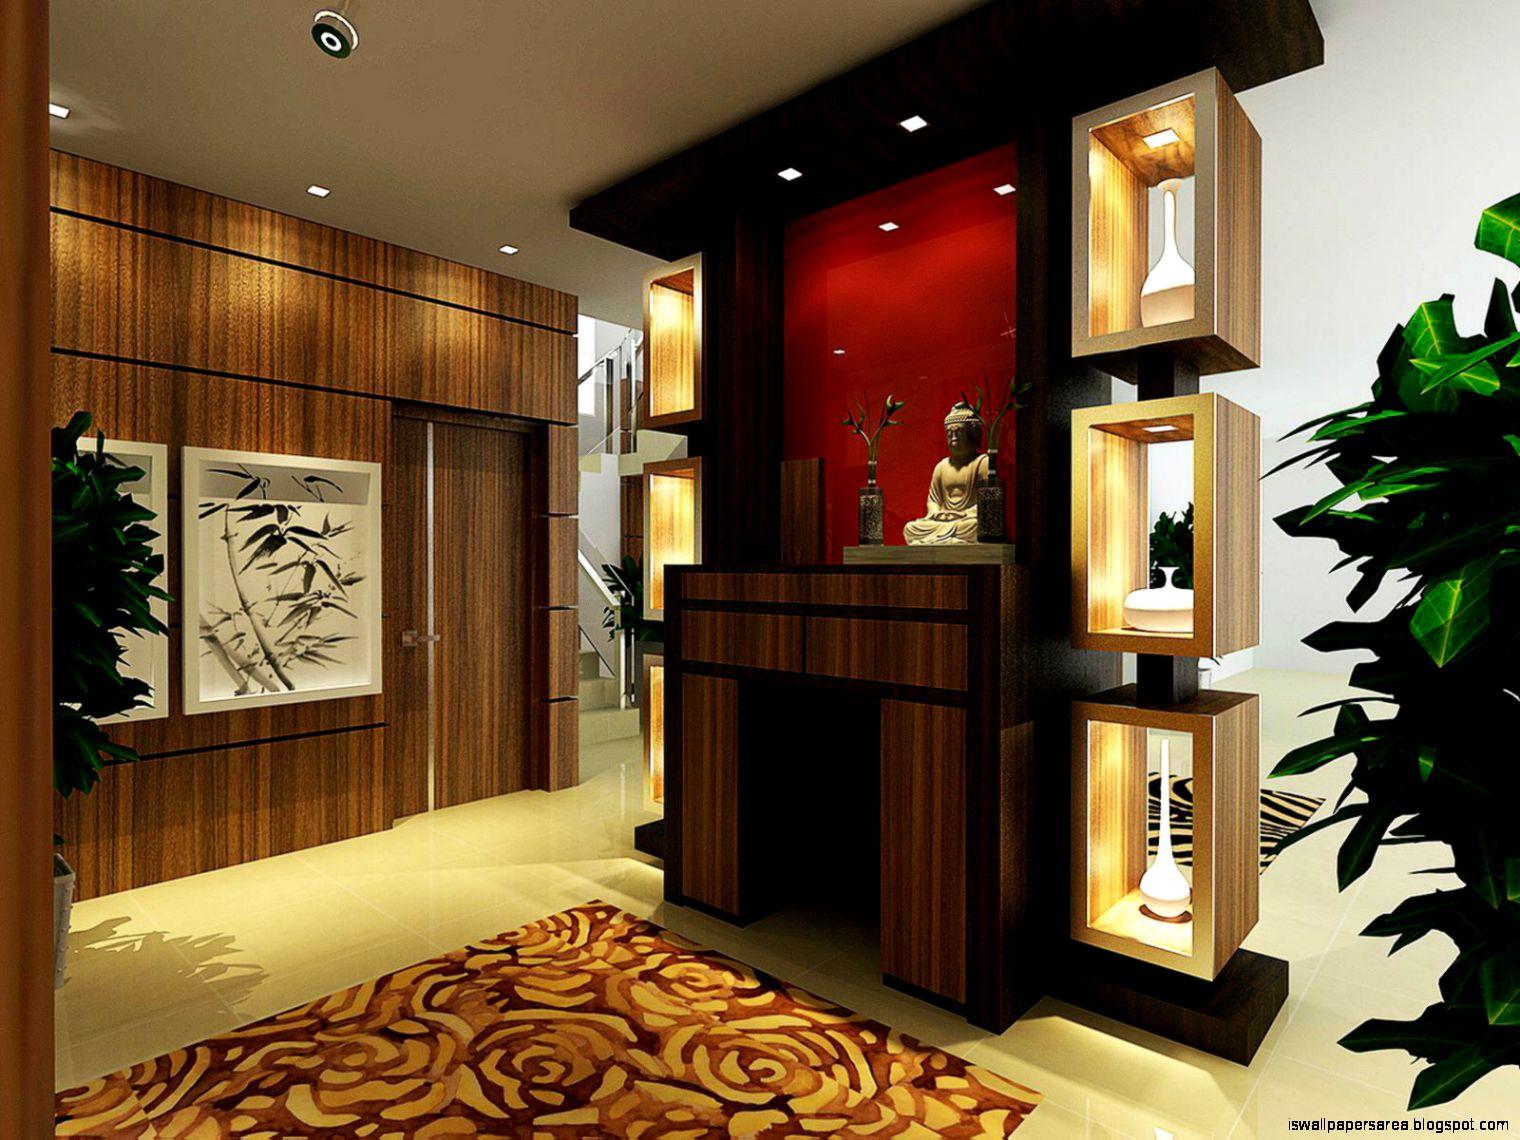 Awesome Home Altar Designs Ideas - Decoration Design Ideas - ibmeye.com